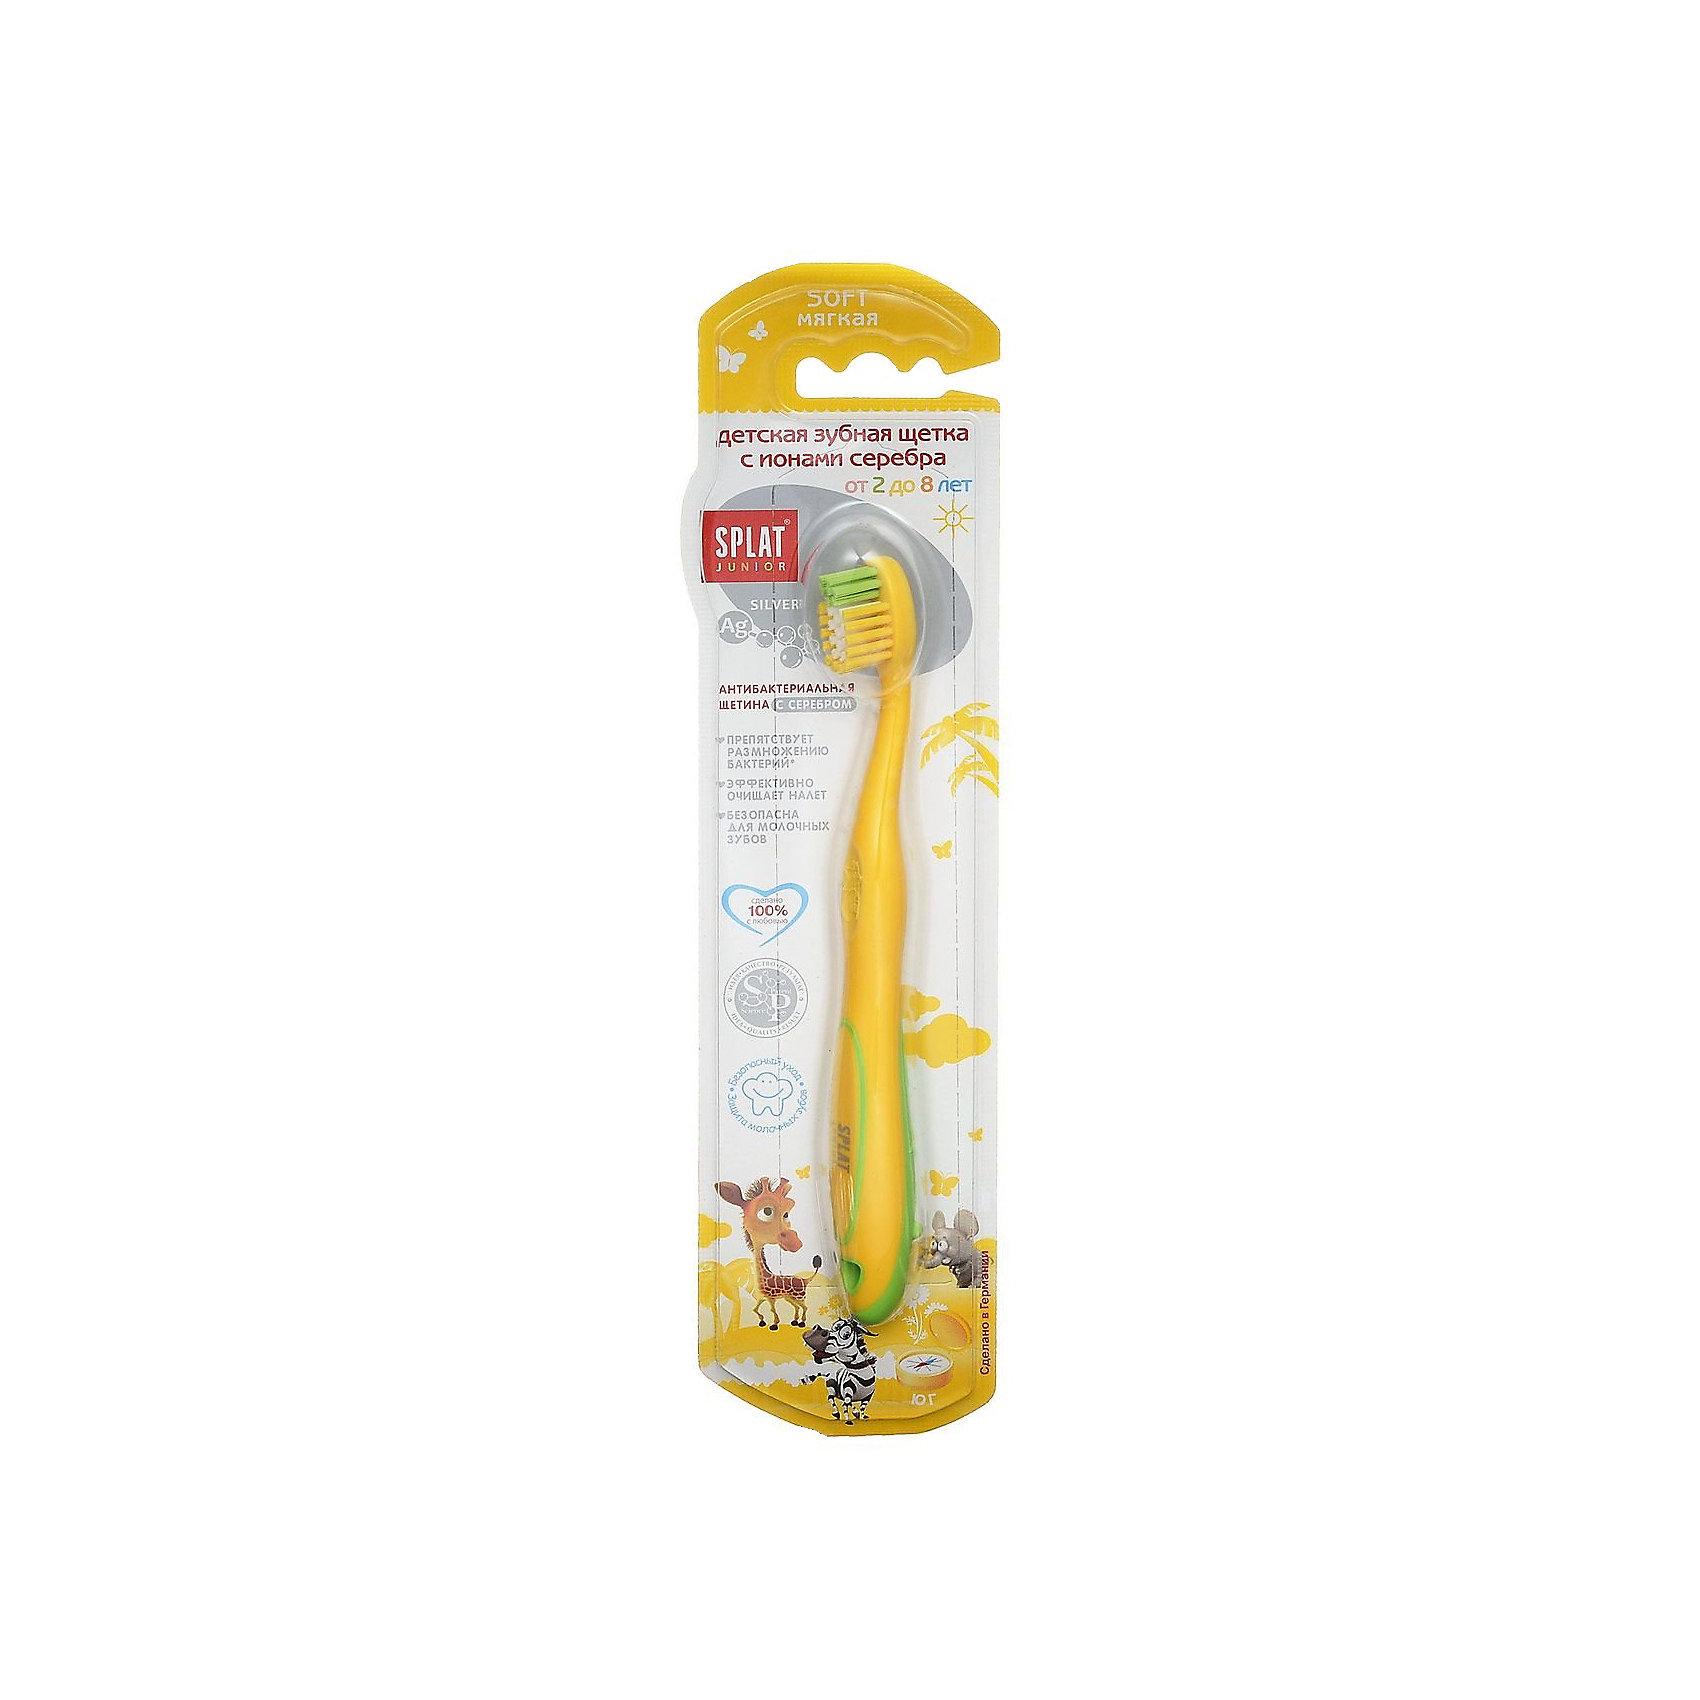 Детская зубная щетка JUNIOR Юг, Splat, желтыйДетская зубная щетка JUNIOR Splat (Сплат), желтая.   <br><br>Характеристика:<br><br>• Материал: пластик, нейлон.  <br>• Размер упаковки: 24х7х2 см. <br>• Эргономичная ручка с противоскользящей вставкой. <br>• Щетина обработана серебром (антибактериальный эффект).<br>• Резиновое покрытие головки щетки для мягкого очищения языка и внутренней поверхности щек. <br>• Жесткость щетины: мягкая. <br>• Стильный лаконичный дизайн. <br><br>Зубная щетка JUNIOR от известного бренда Splat прекрасно очищает полость рта, полностью удаляя зубной налет. Мягкая щетина с посеребрением препятствует размножению бактерий, качественно ухаживая за зубами, не травмируя десны. Резиновое покрытие головки щетки очищает язык и внутреннюю поверхность щек. Эргономичная ручка с противоскользящей поверхностью препятствует выскальзыванию. Сдержанный лаконичный дизайн понравится любому подростку.<br><br>Детскую зубную щетку JUNIOR Splat (Сплат), желтую, можно купить в нашем интернет-магазине.<br><br>Ширина мм: 20<br>Глубина мм: 25<br>Высота мм: 160<br>Вес г: 40<br>Возраст от месяцев: 36<br>Возраст до месяцев: 84<br>Пол: Унисекс<br>Возраст: Детский<br>SKU: 5130721